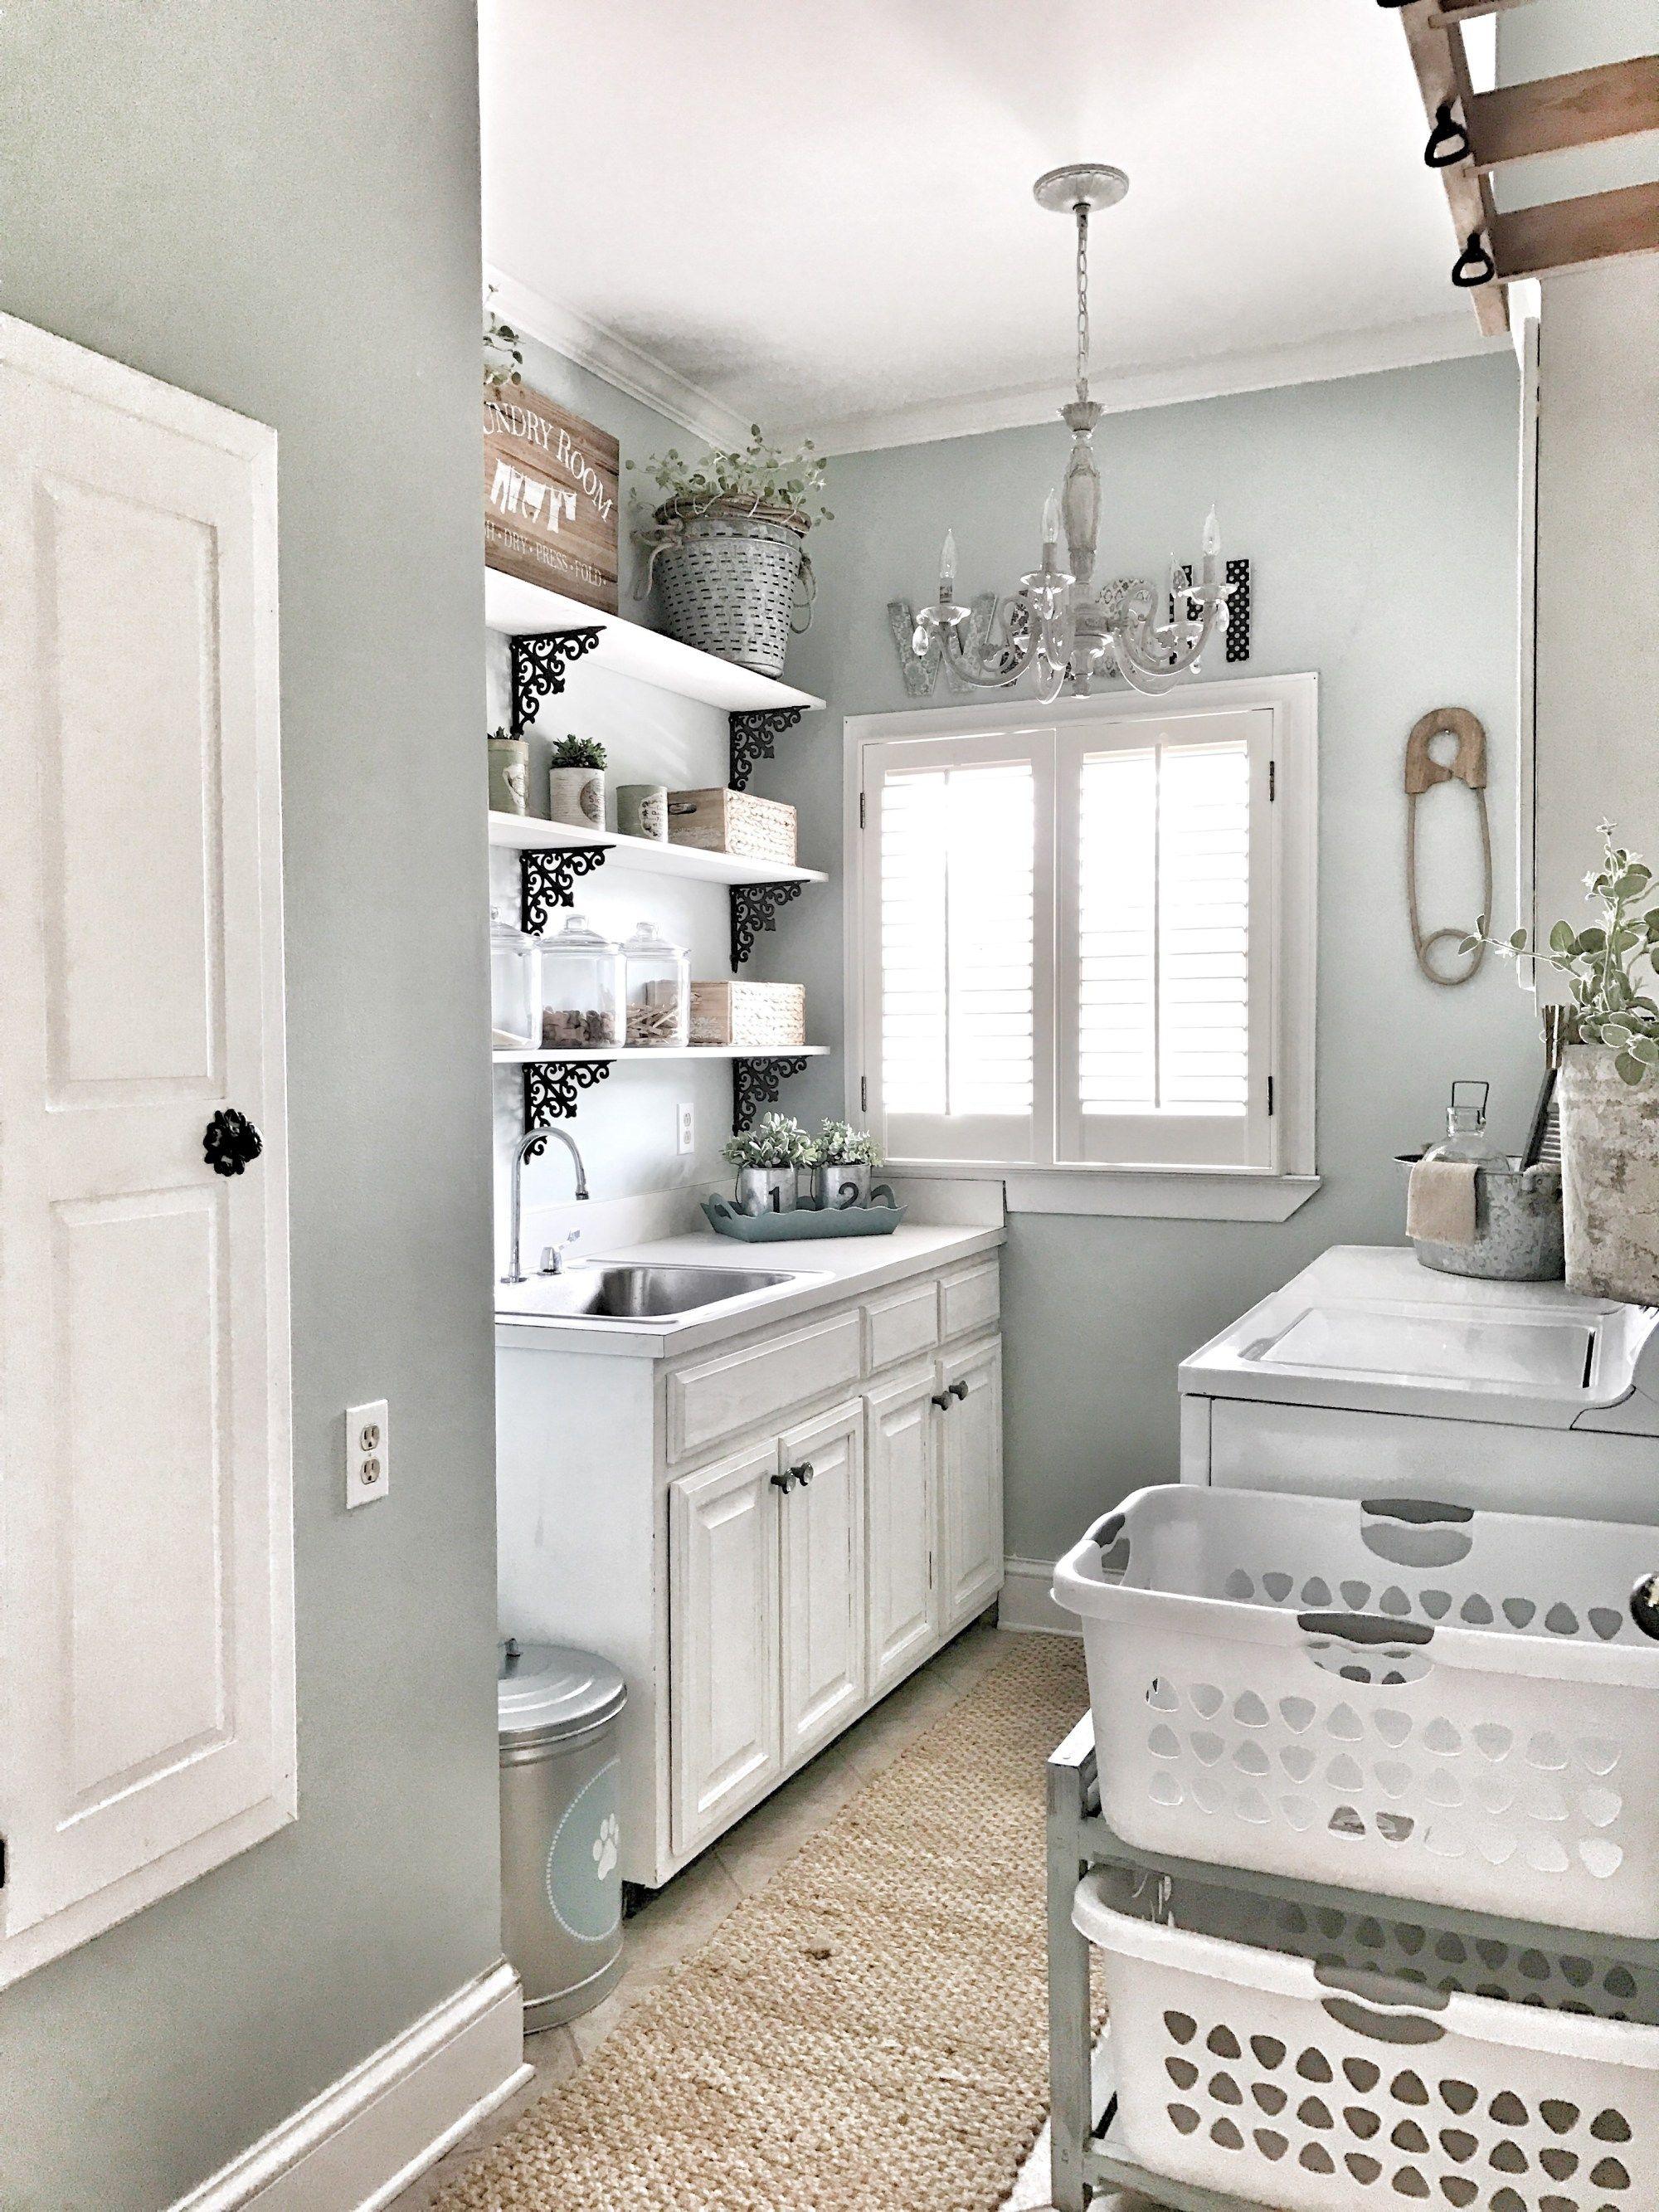 Photo of Waschküchenumbau: 5 einfache Schritte | Segne dieses Nest